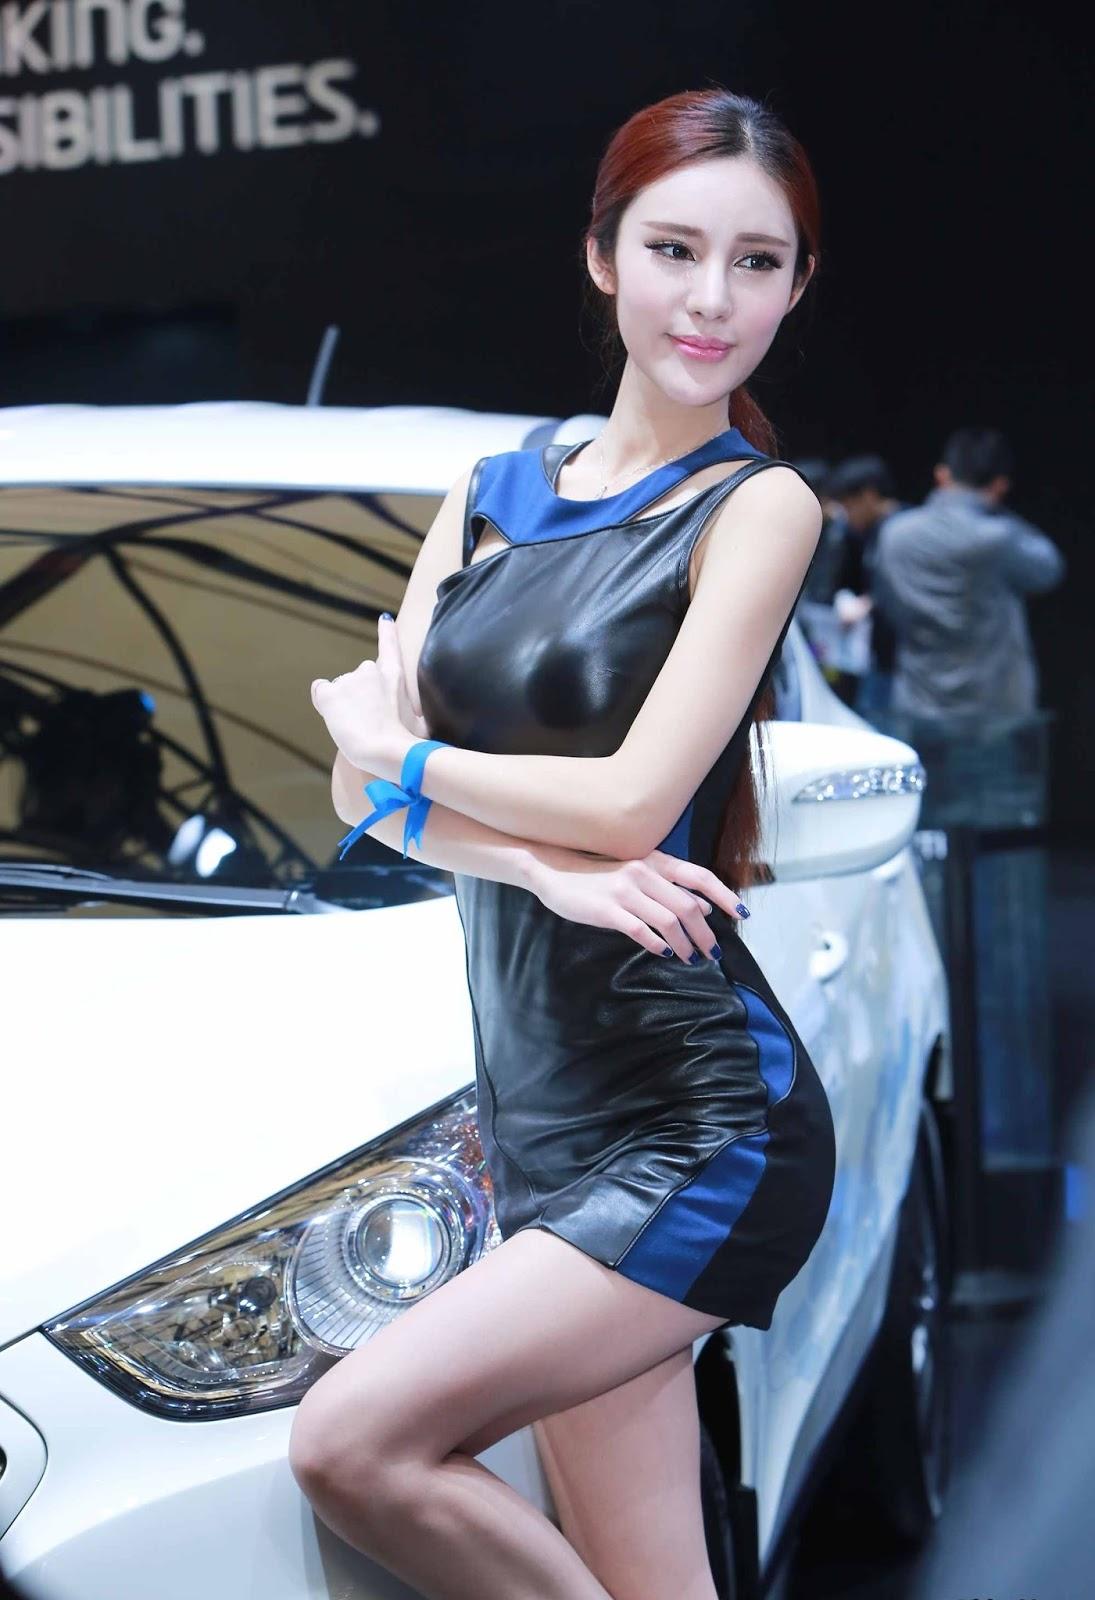 Car Xnxx